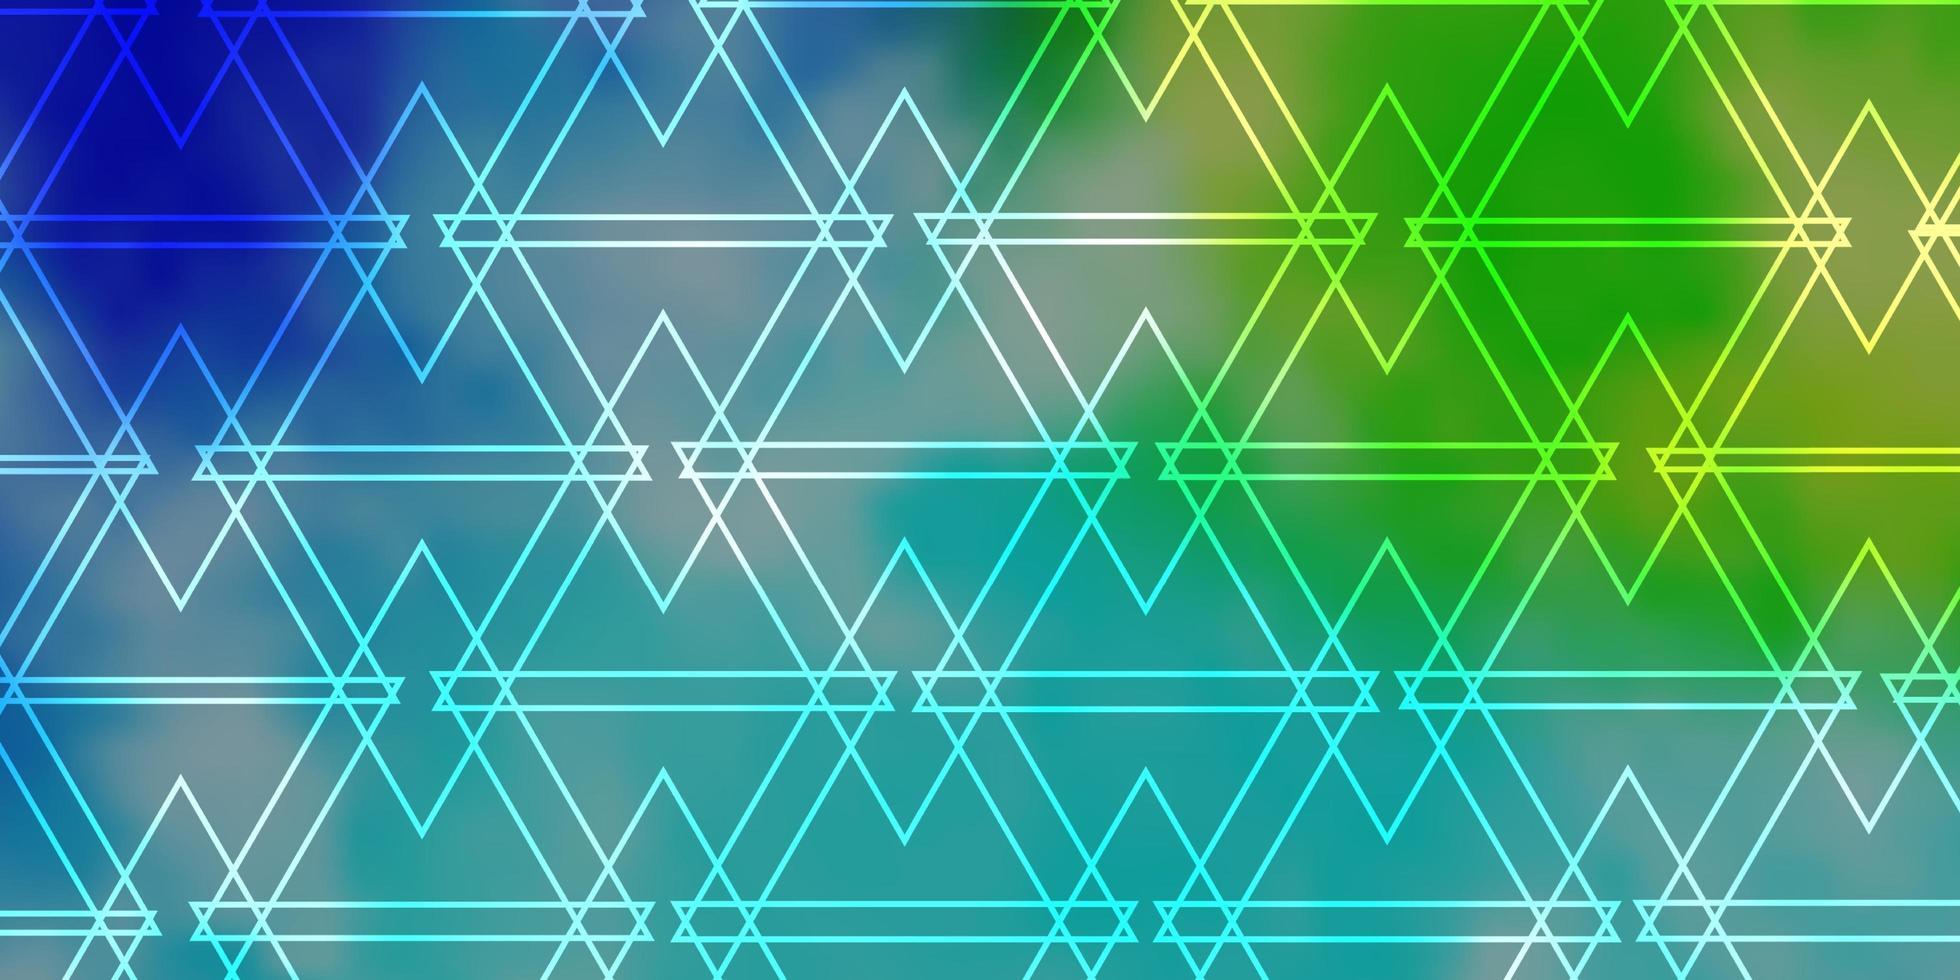 ljusblå, grön vektorstruktur med triangulär stil. vektor